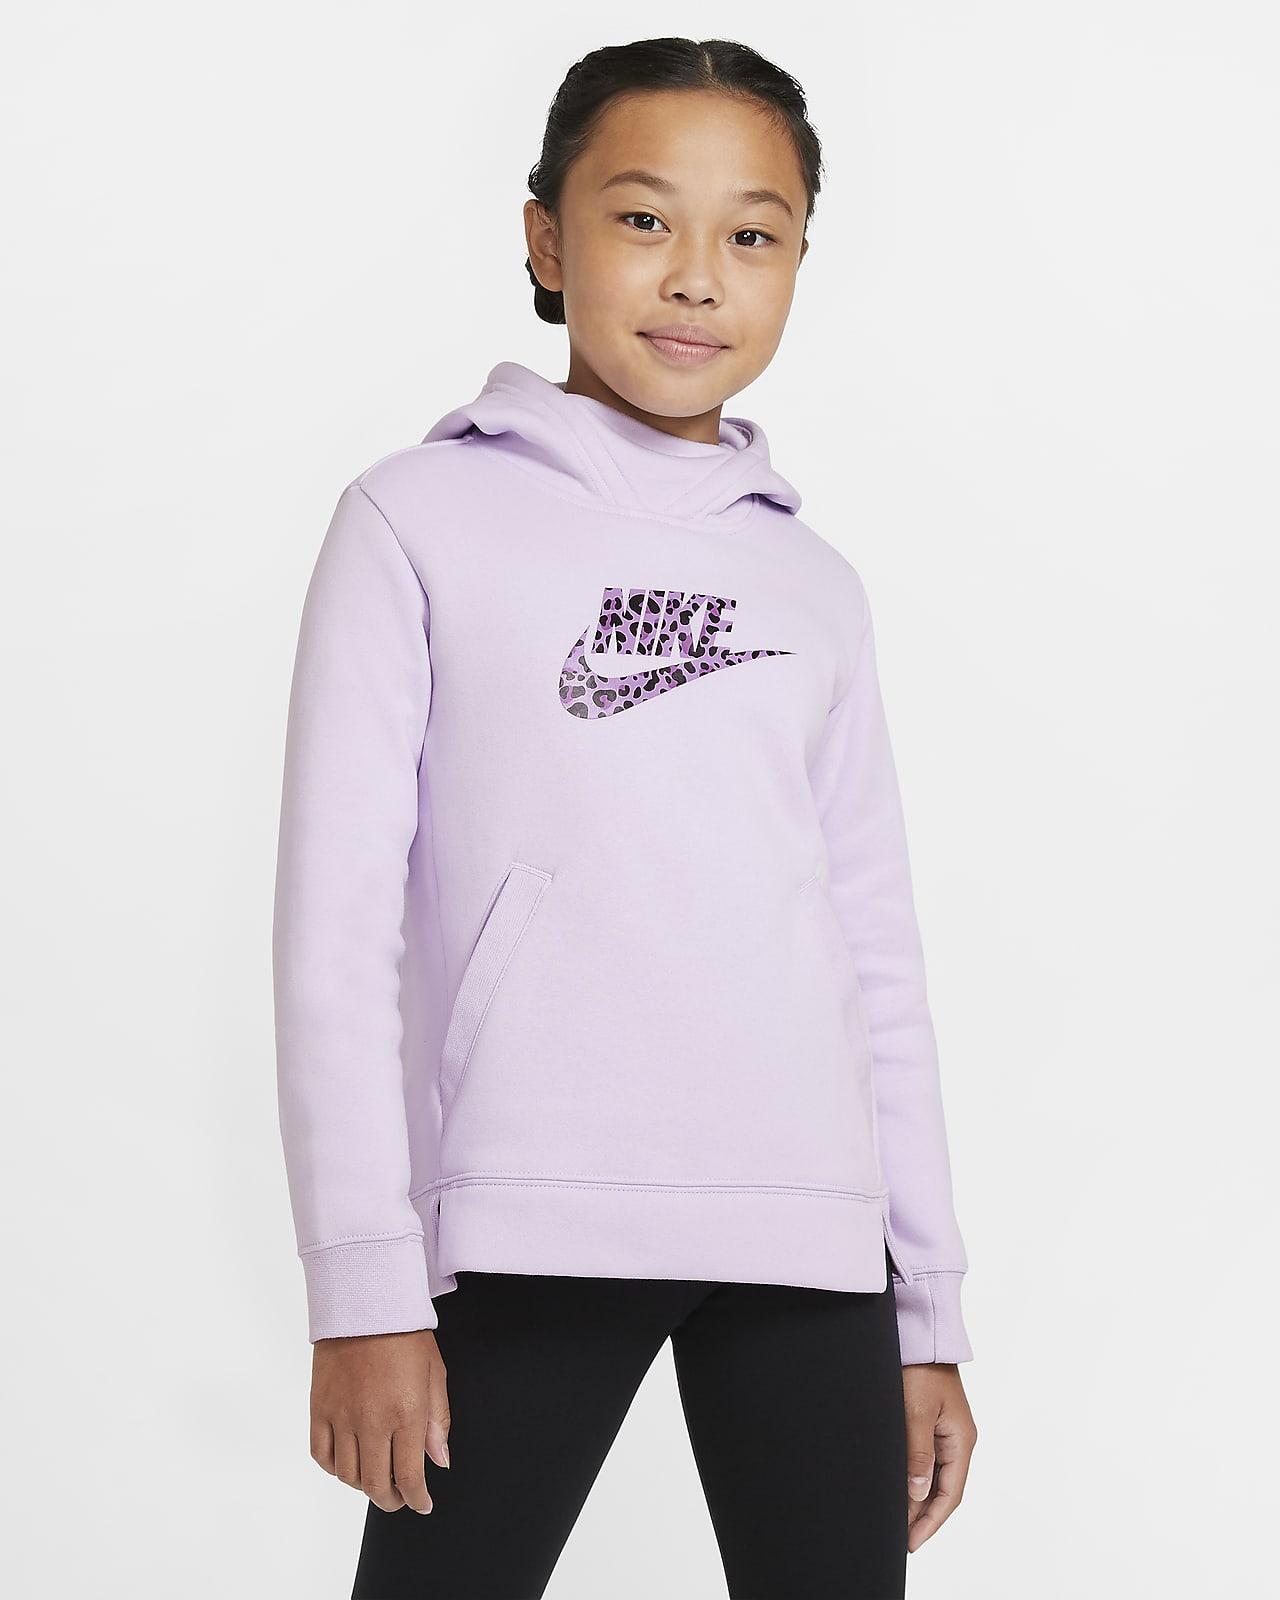 Mikina s kapucí Nike Sportswear pro větší děti (dívky)